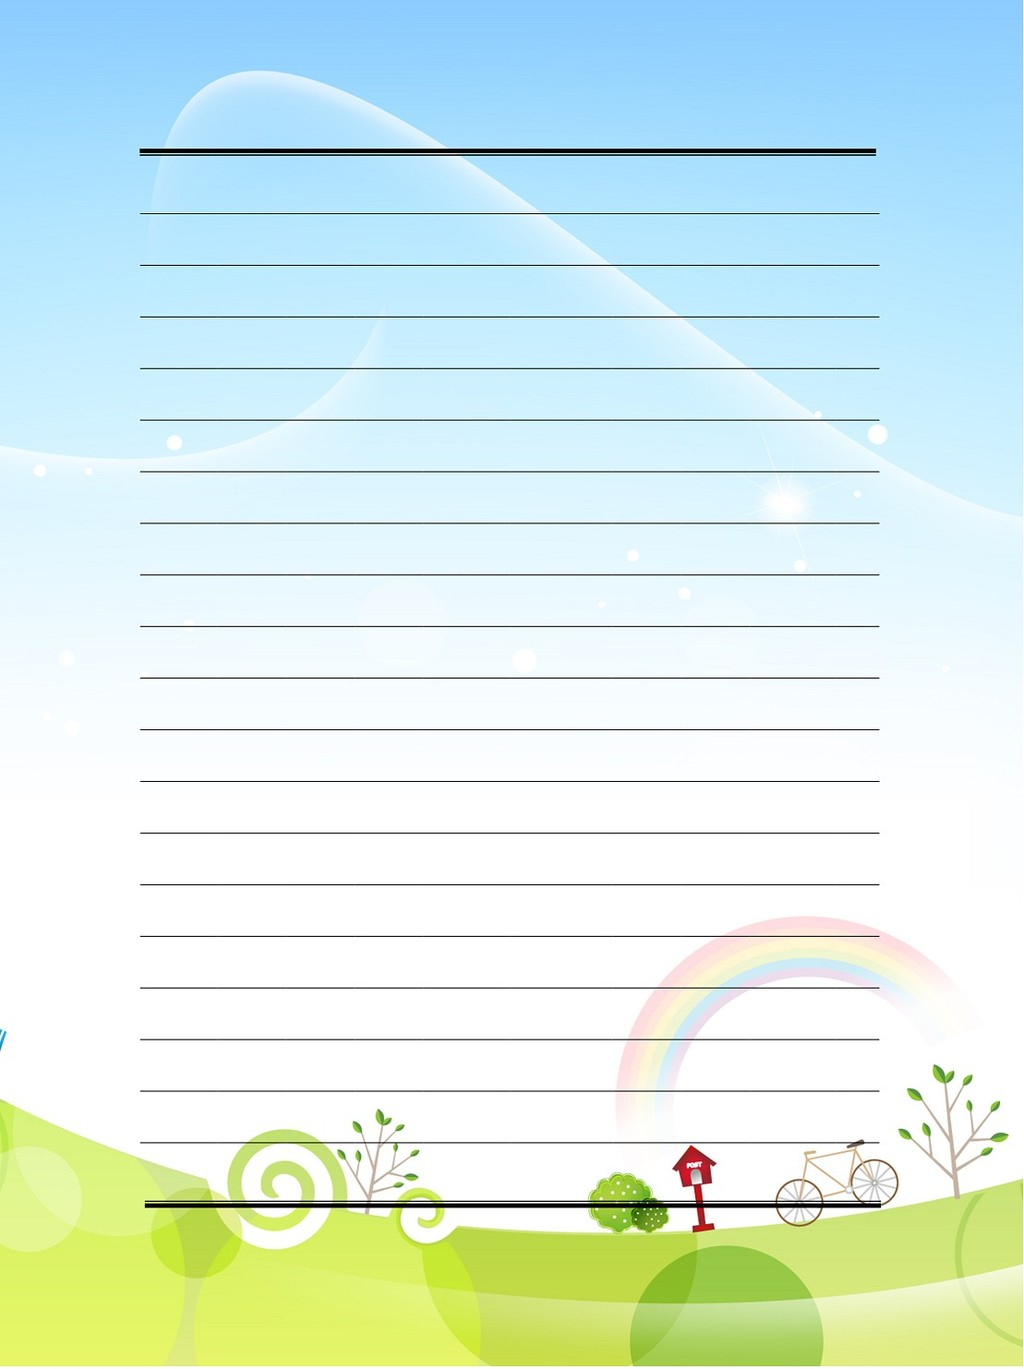 卡通风景信纸